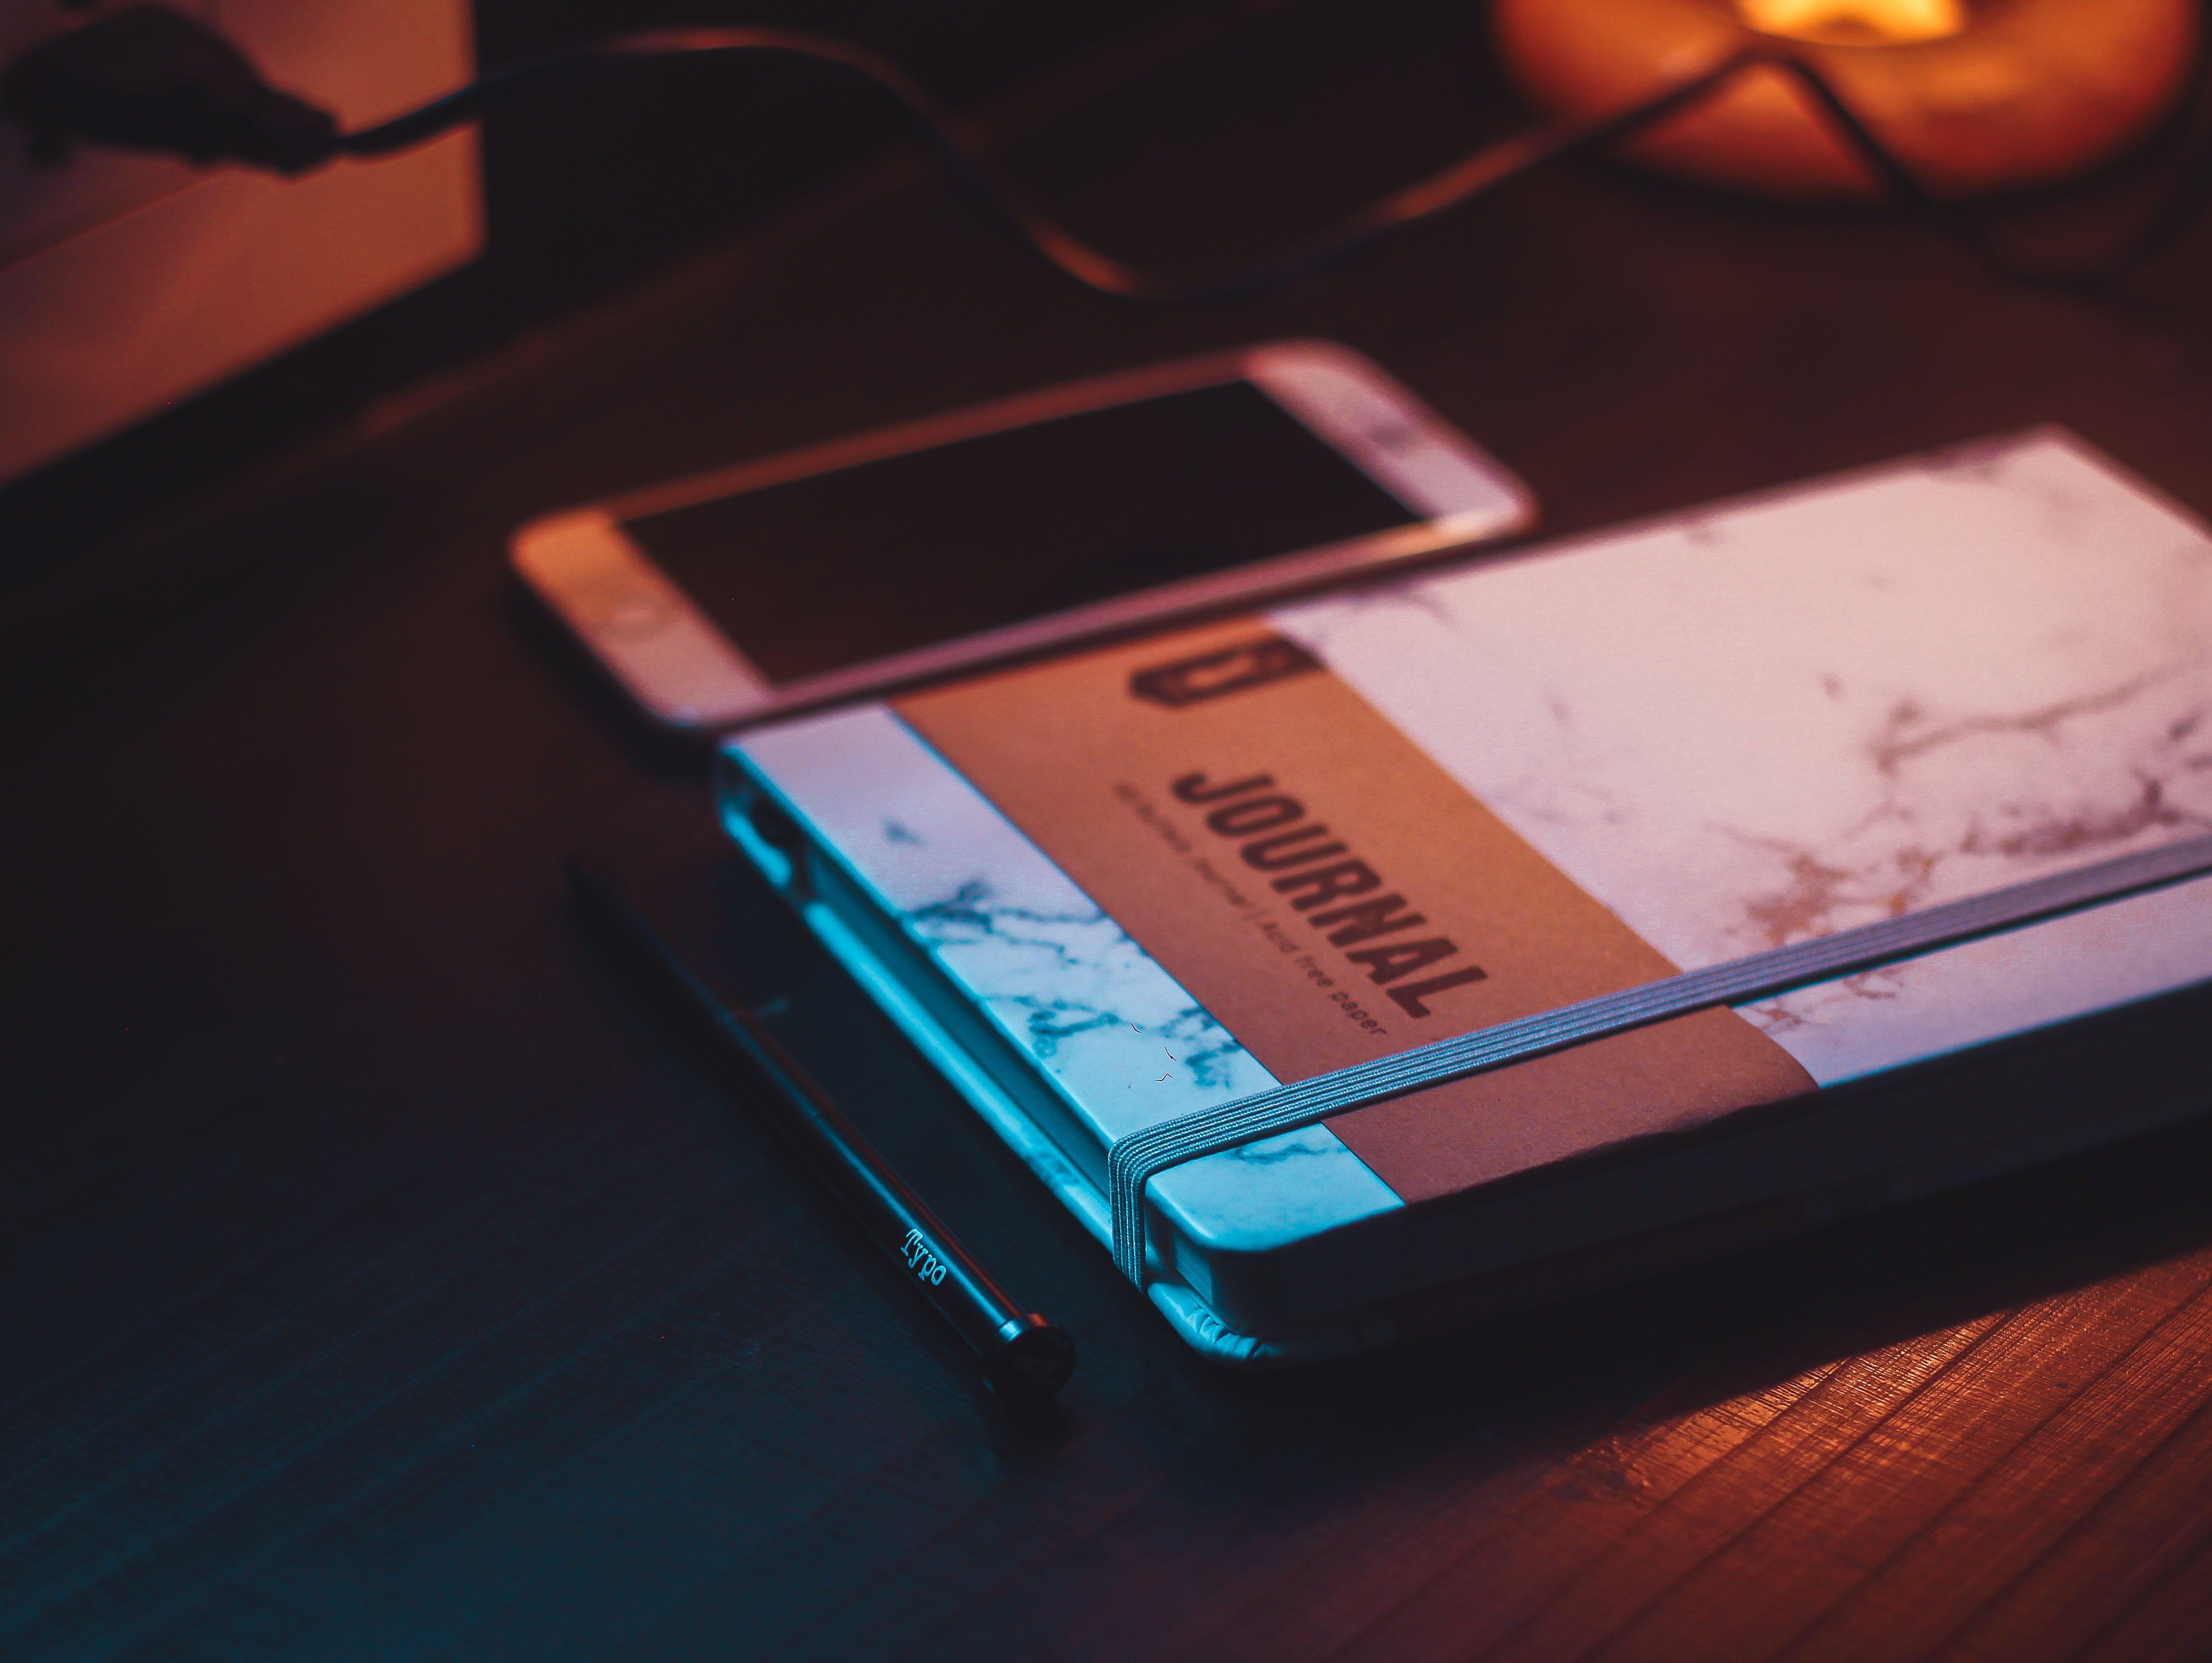 Gratis arkivbilde med elektronikk, iphone, journal, lys